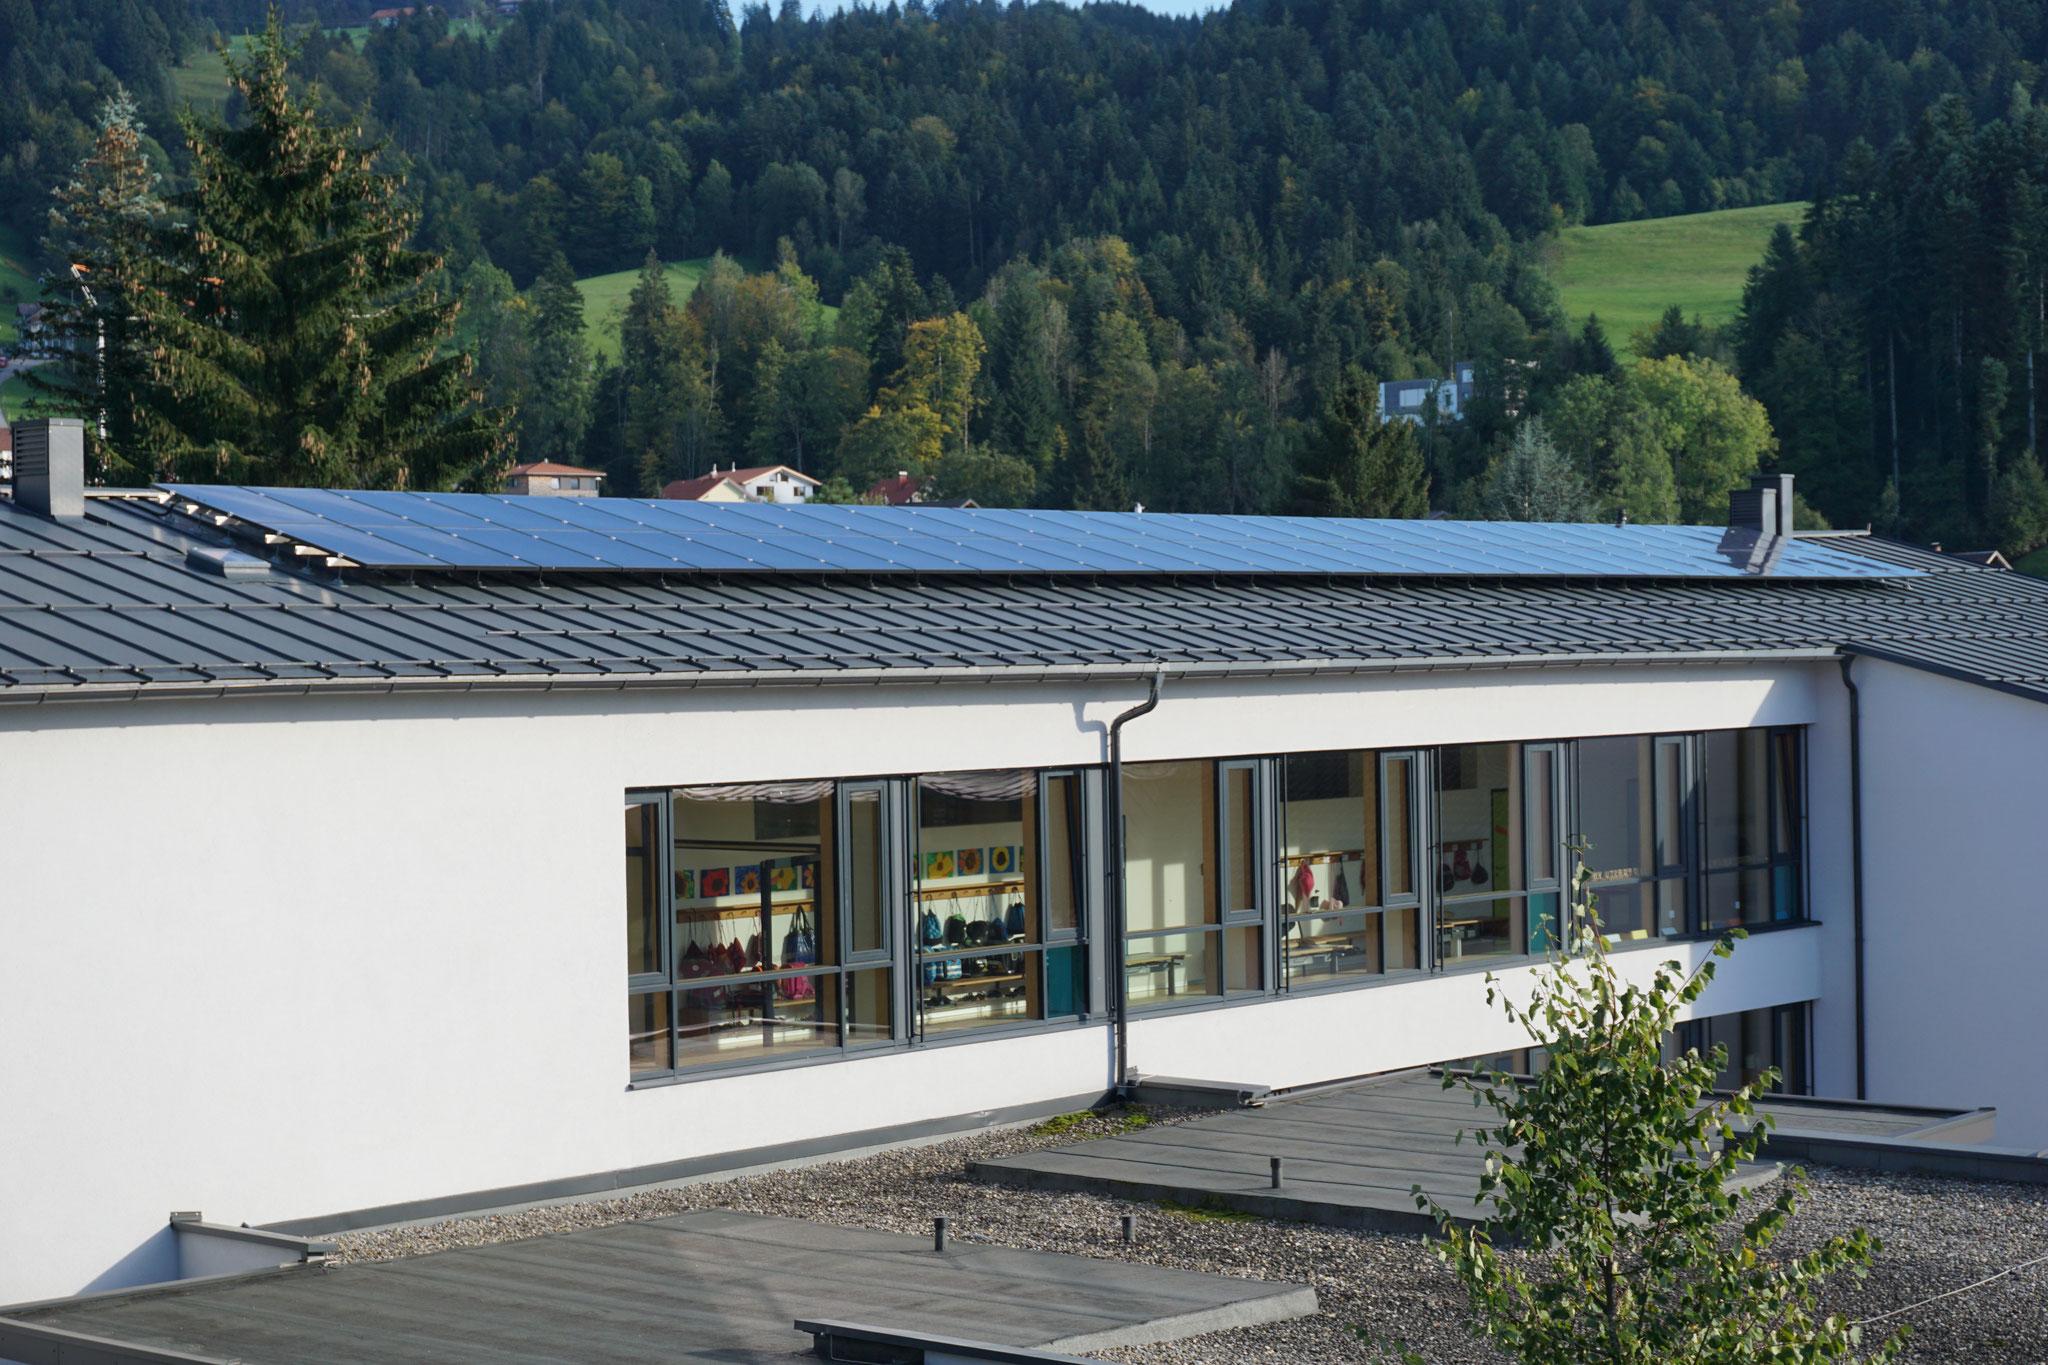 29KWp Solarfabrik, Alberschwende